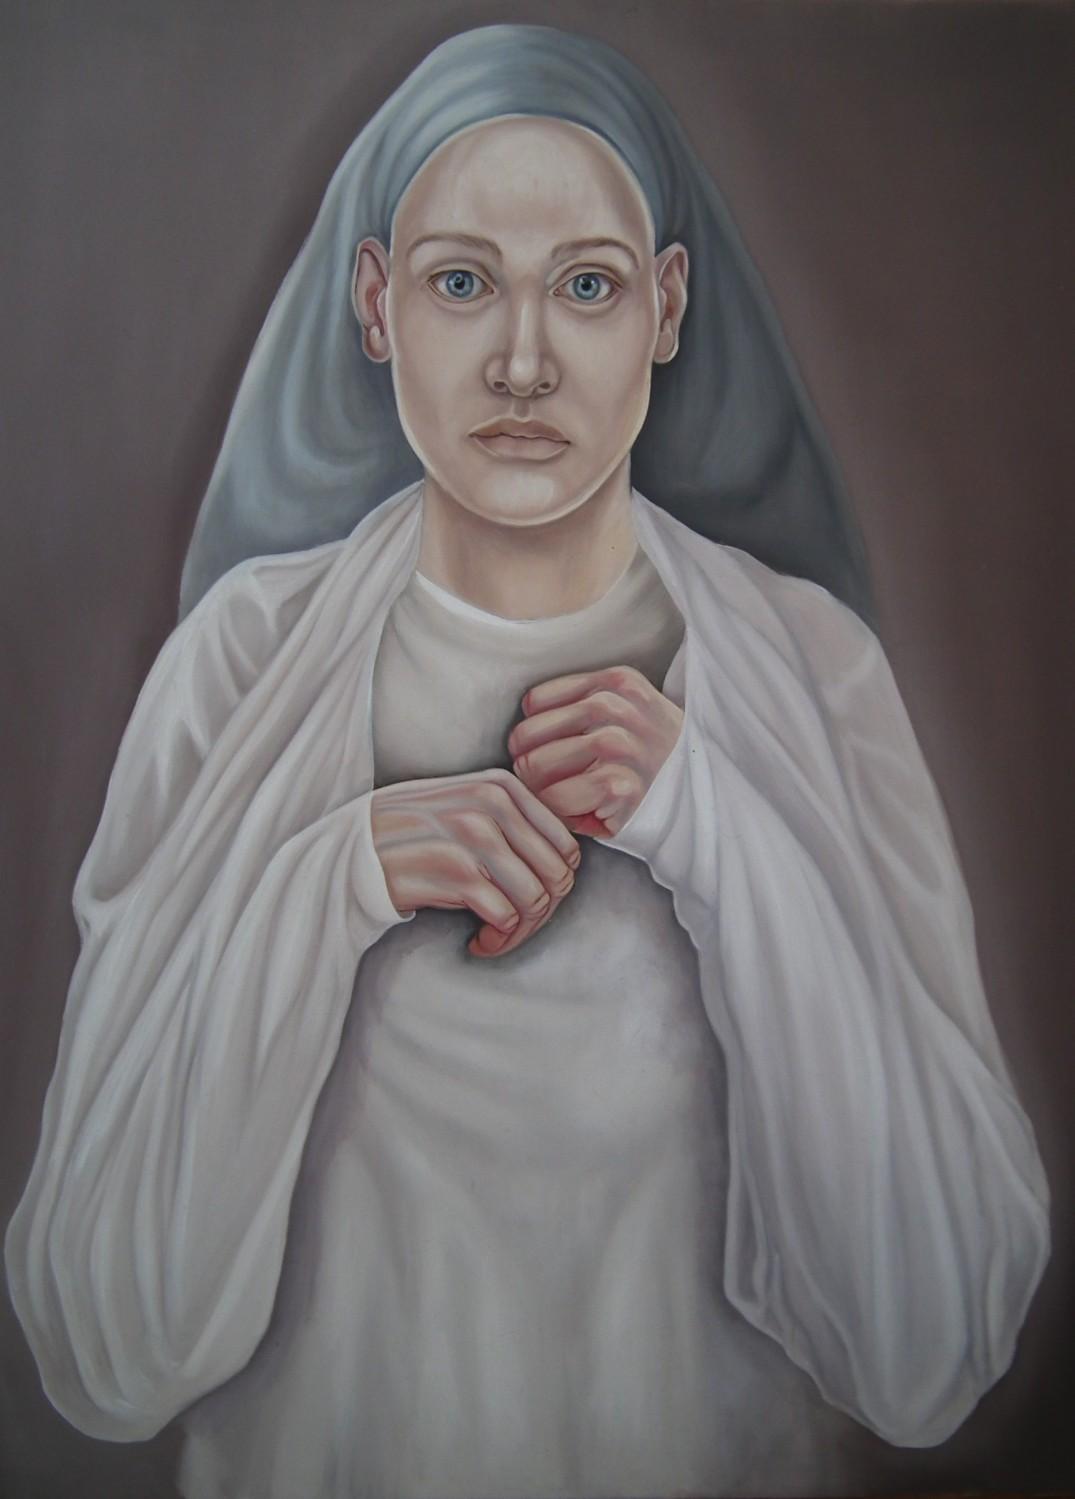 19. Schizofreniczna Madonna, 2017, olej, płótno, deska, 80x60 cm, kolekcja prywatna